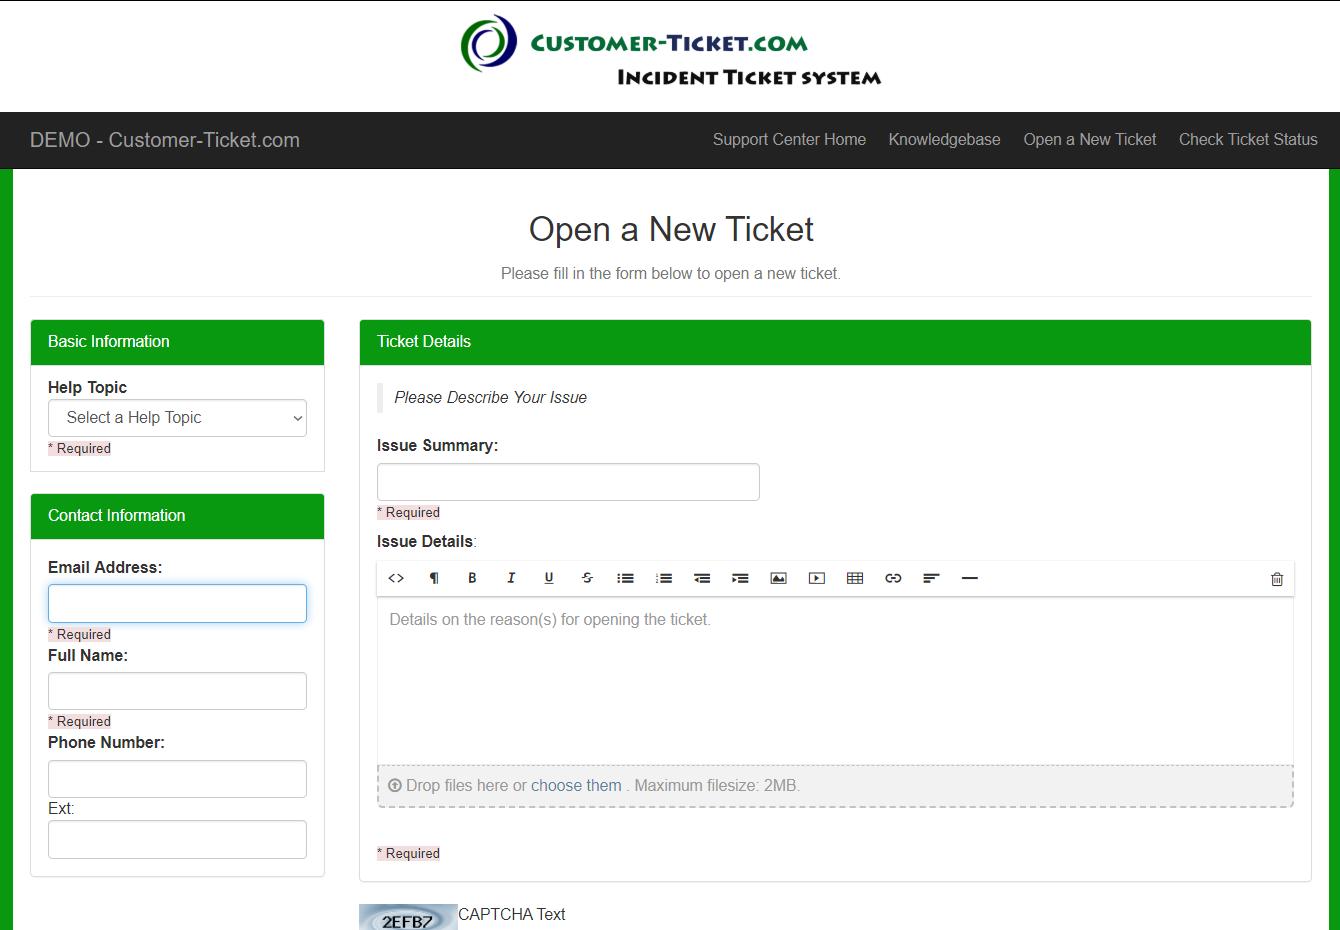 customer-ticket responsive web demo: open new ticket